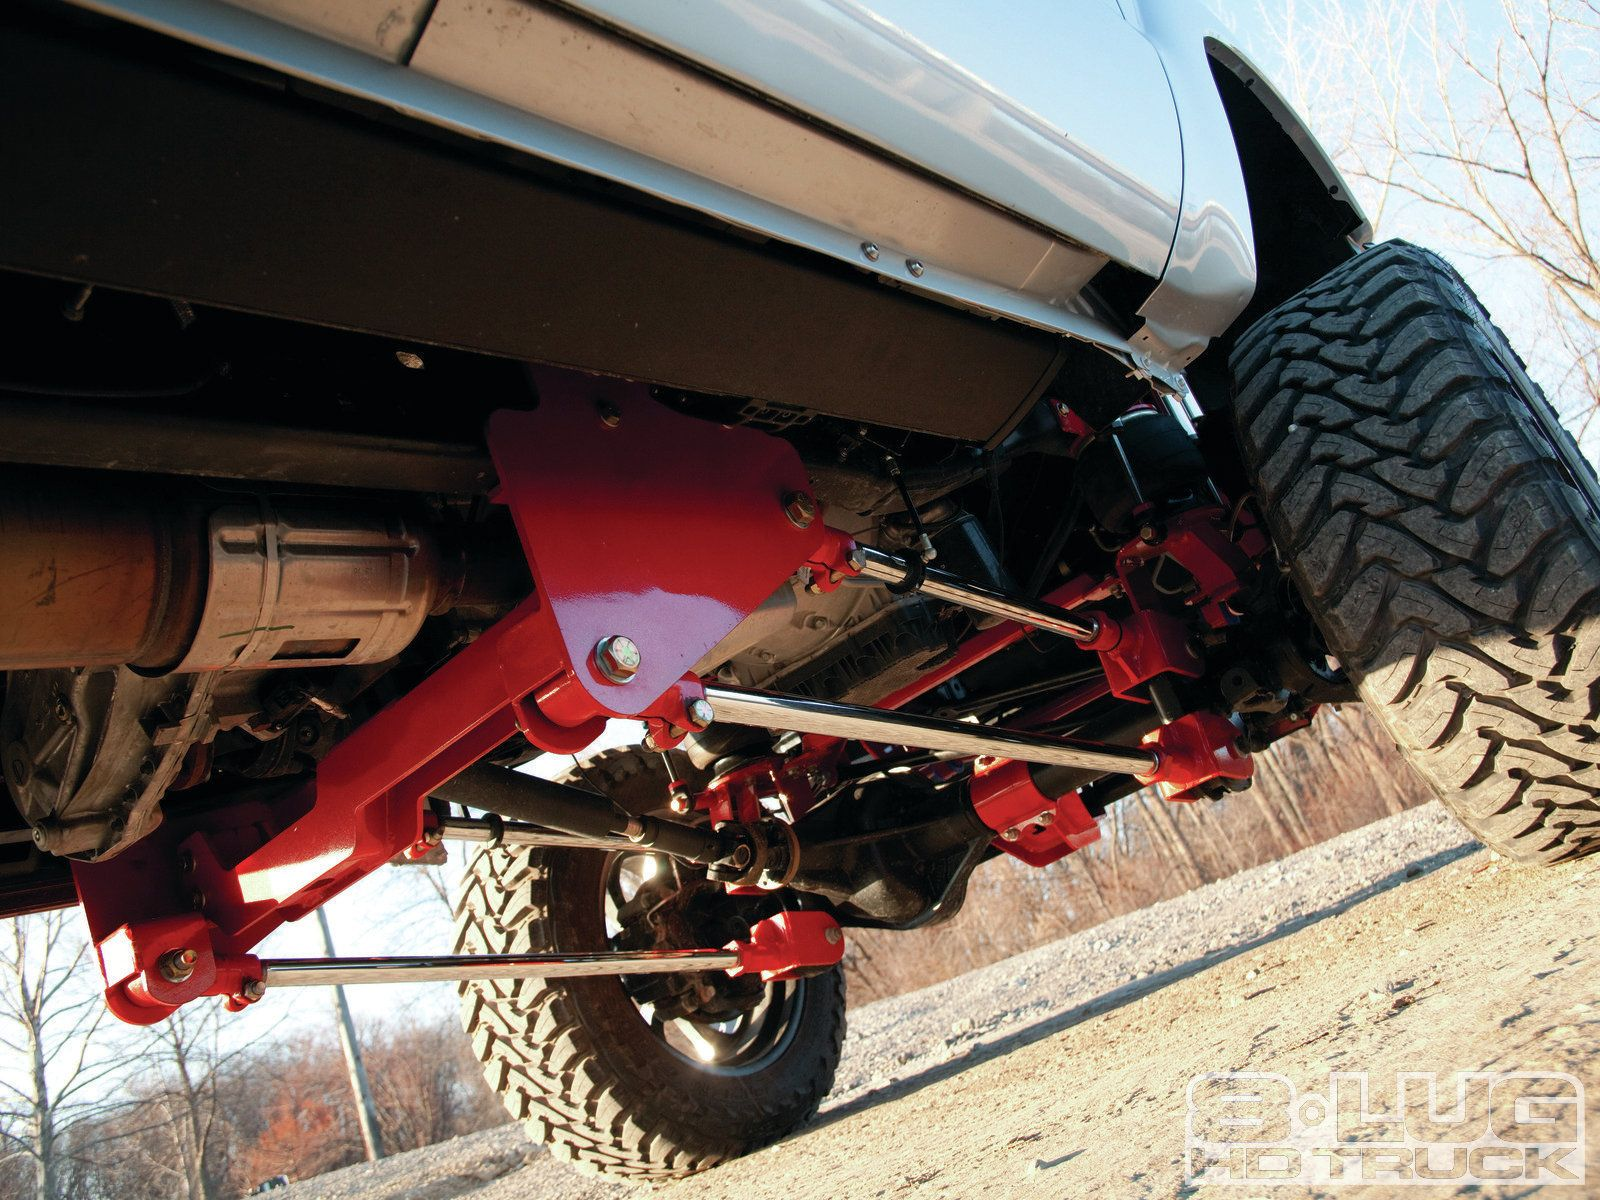 Ford 2011 Lifted Trucks GMC Chev Truck Fanatics Twitter